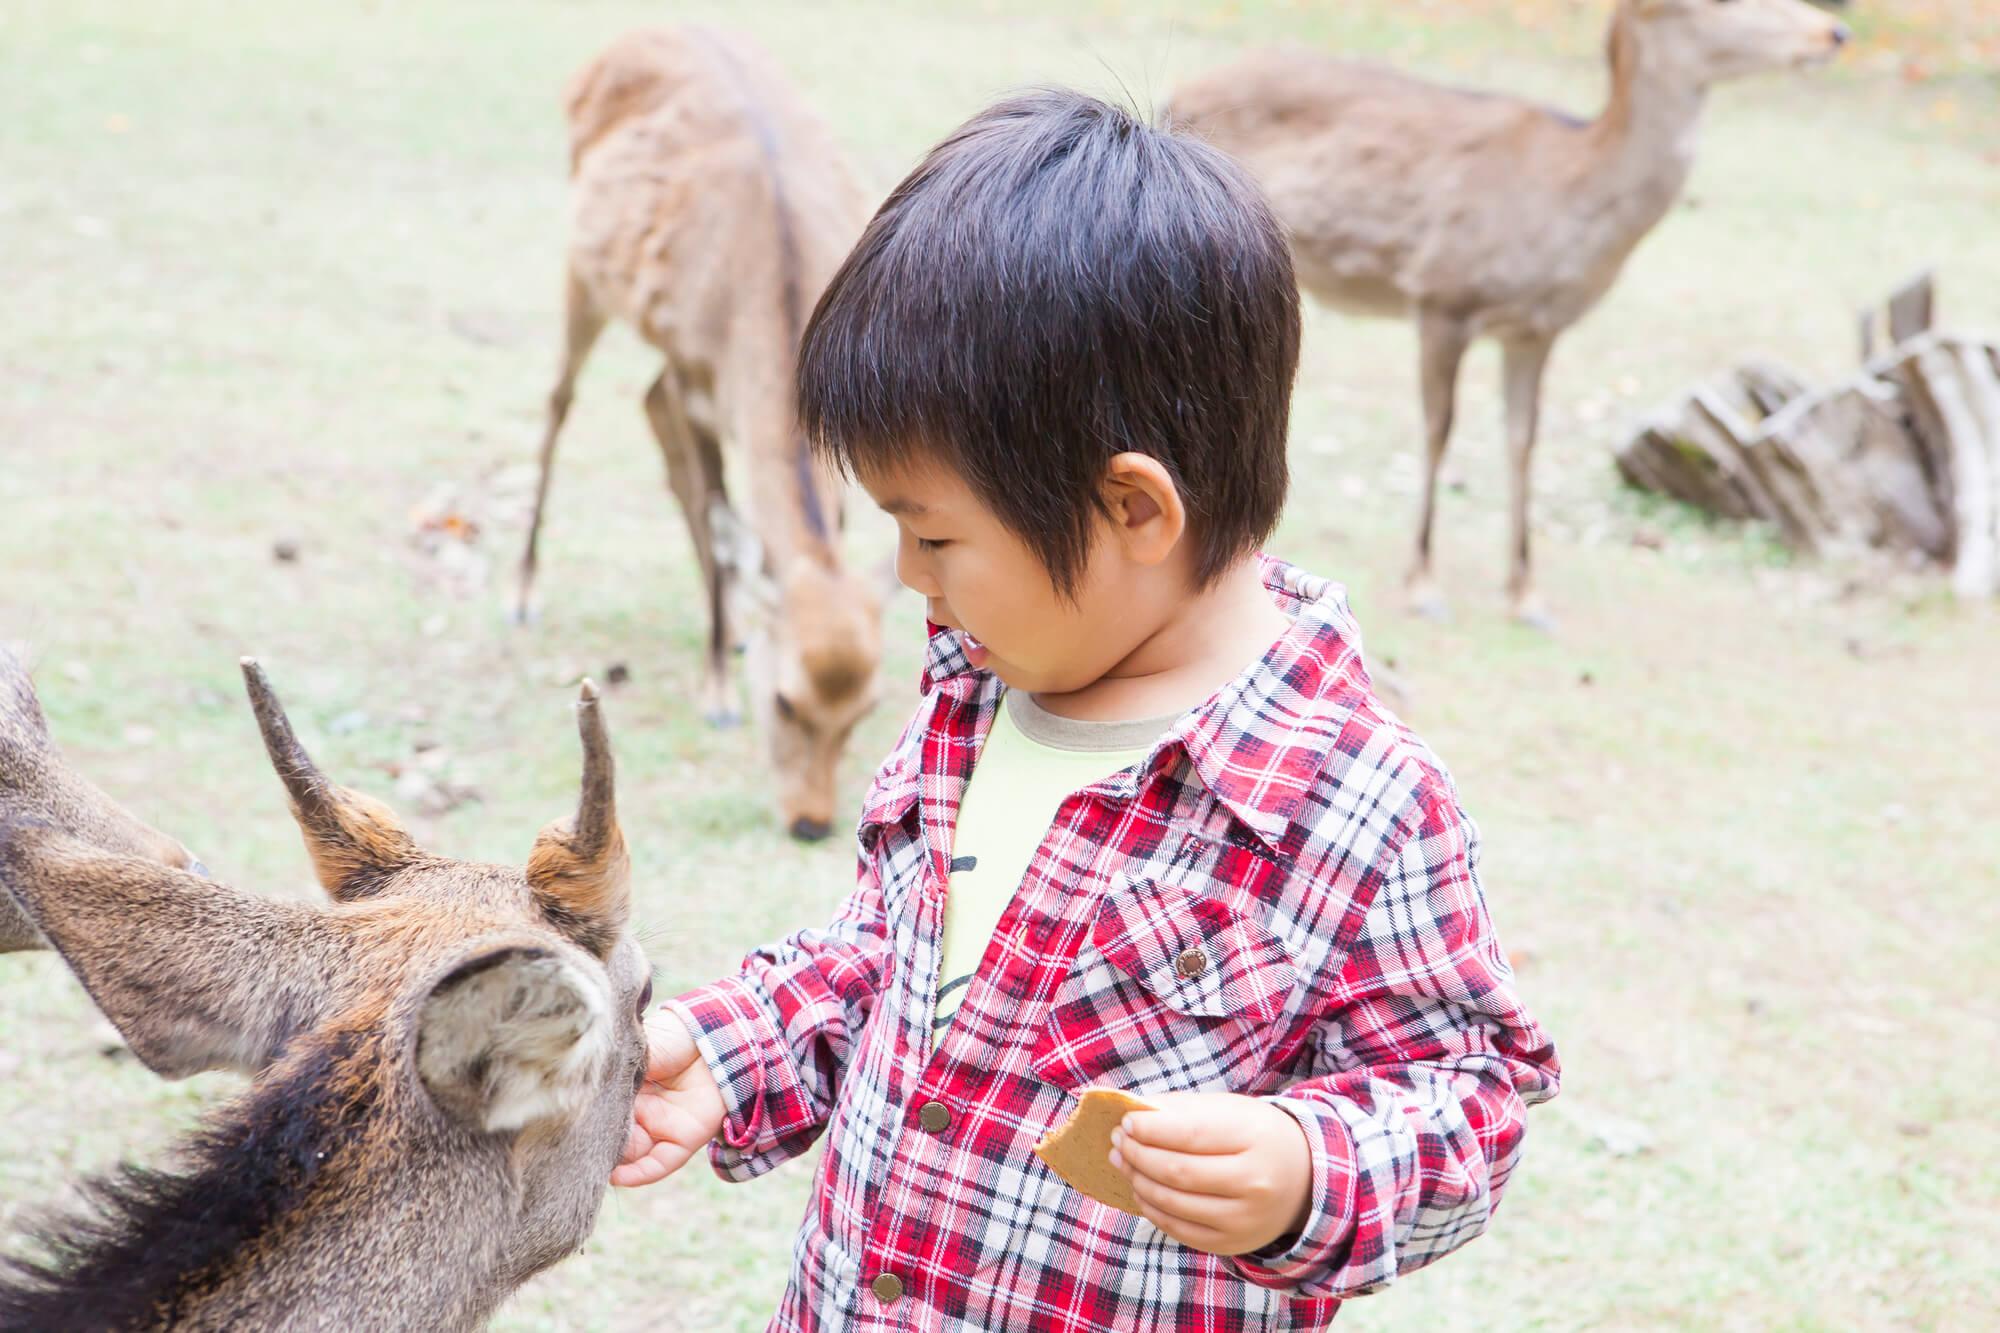 鹿に餌をやる少年